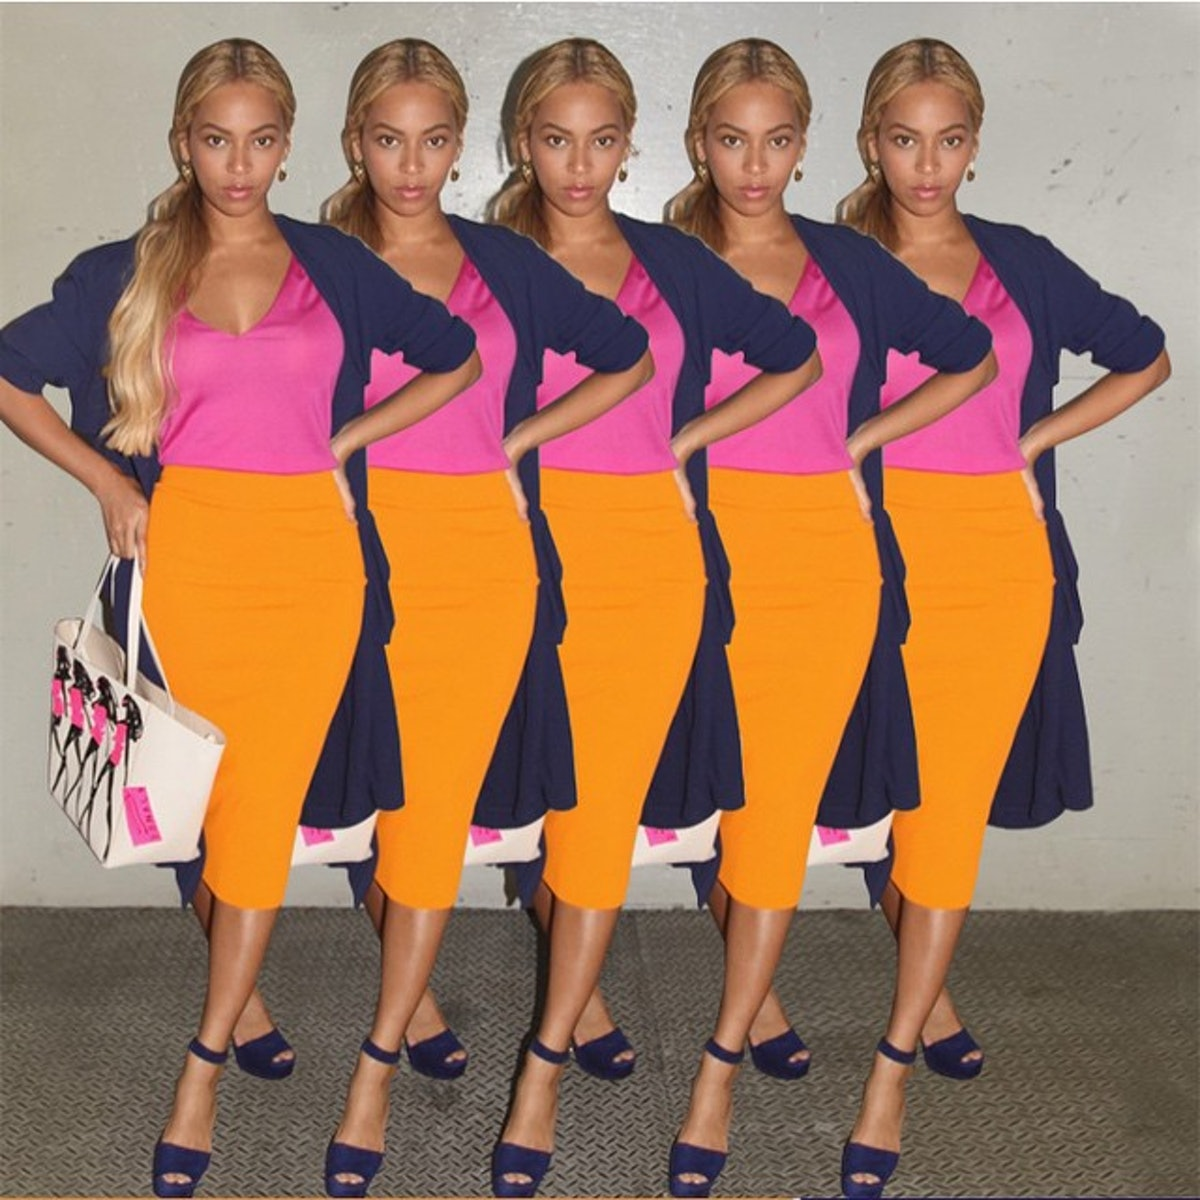 Five Beyoncés